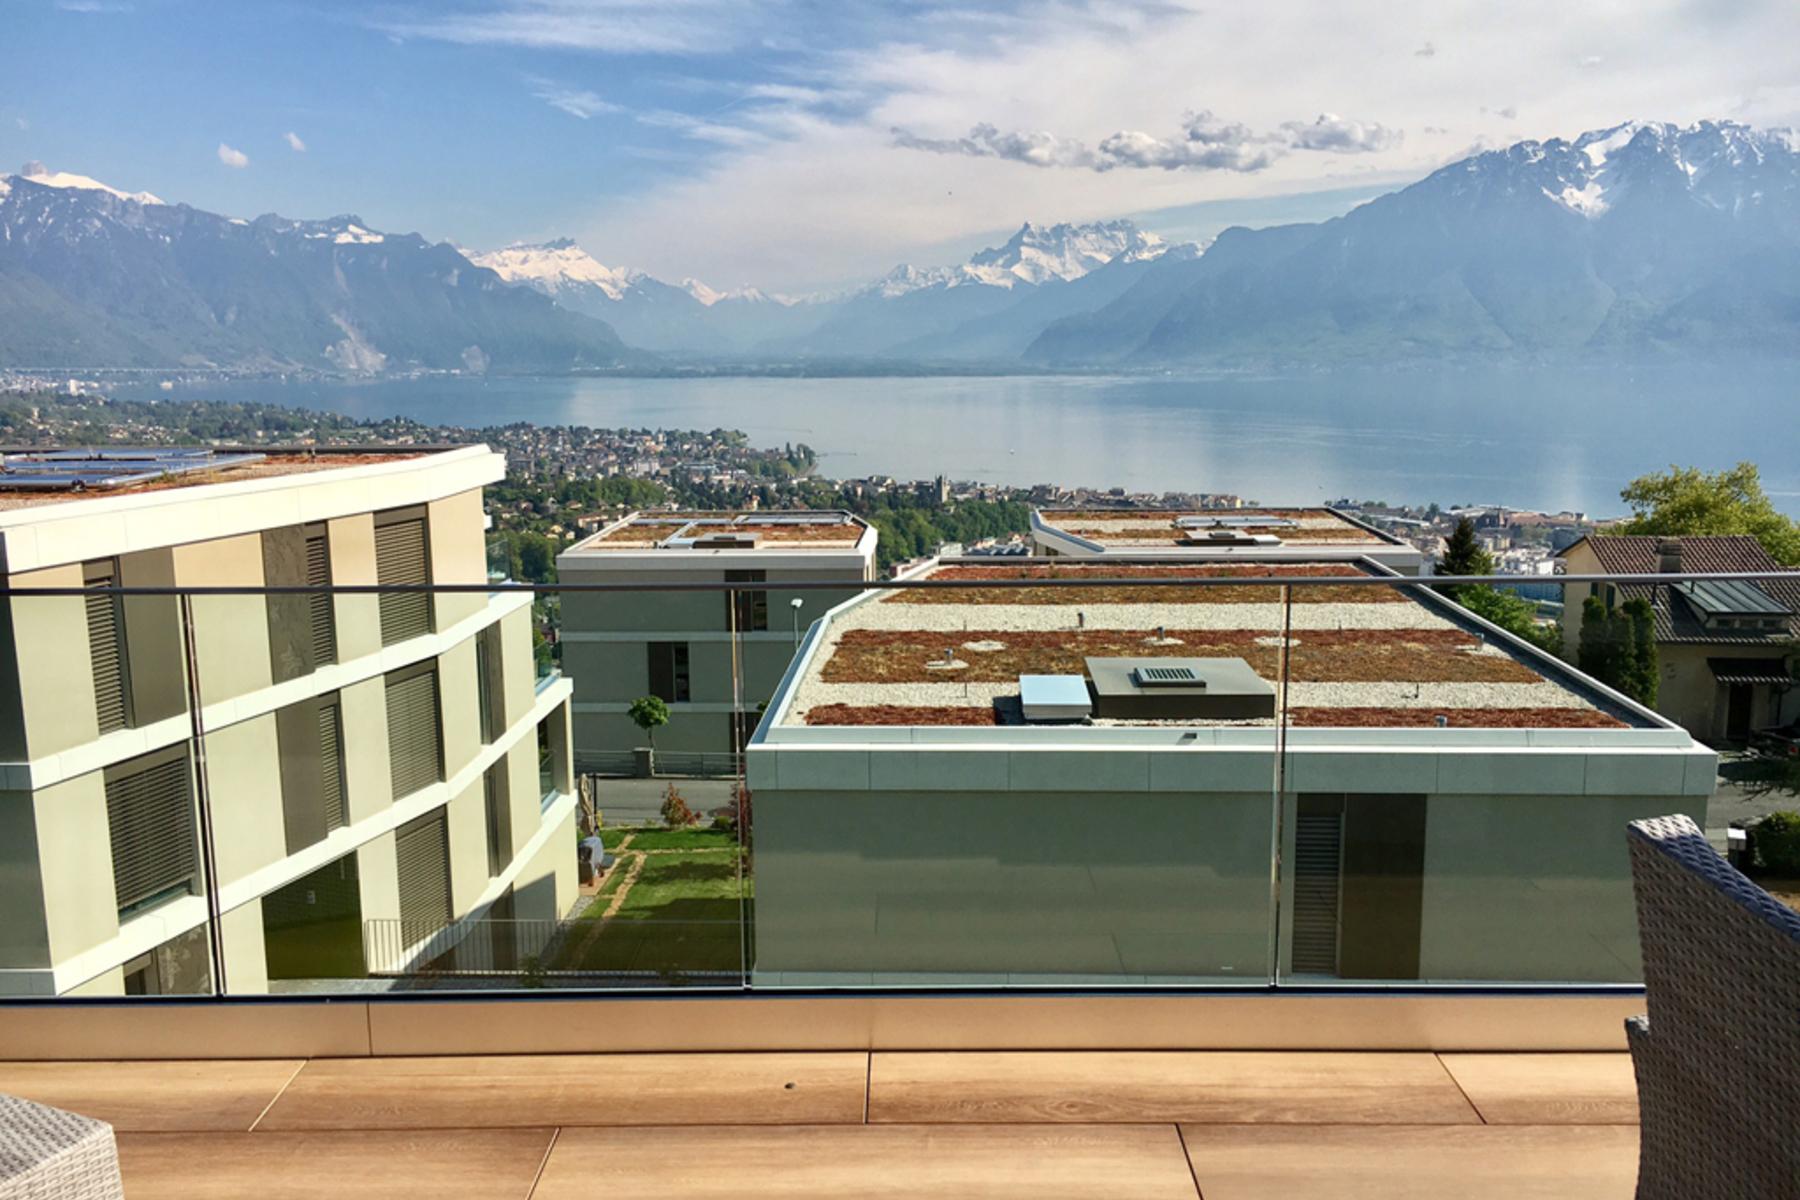 Apartamento por un Venta en Magnificent, modern duplex with 6.5 rooms Stunning views! Jongny Jongny, Vaud, 1805 Suiza